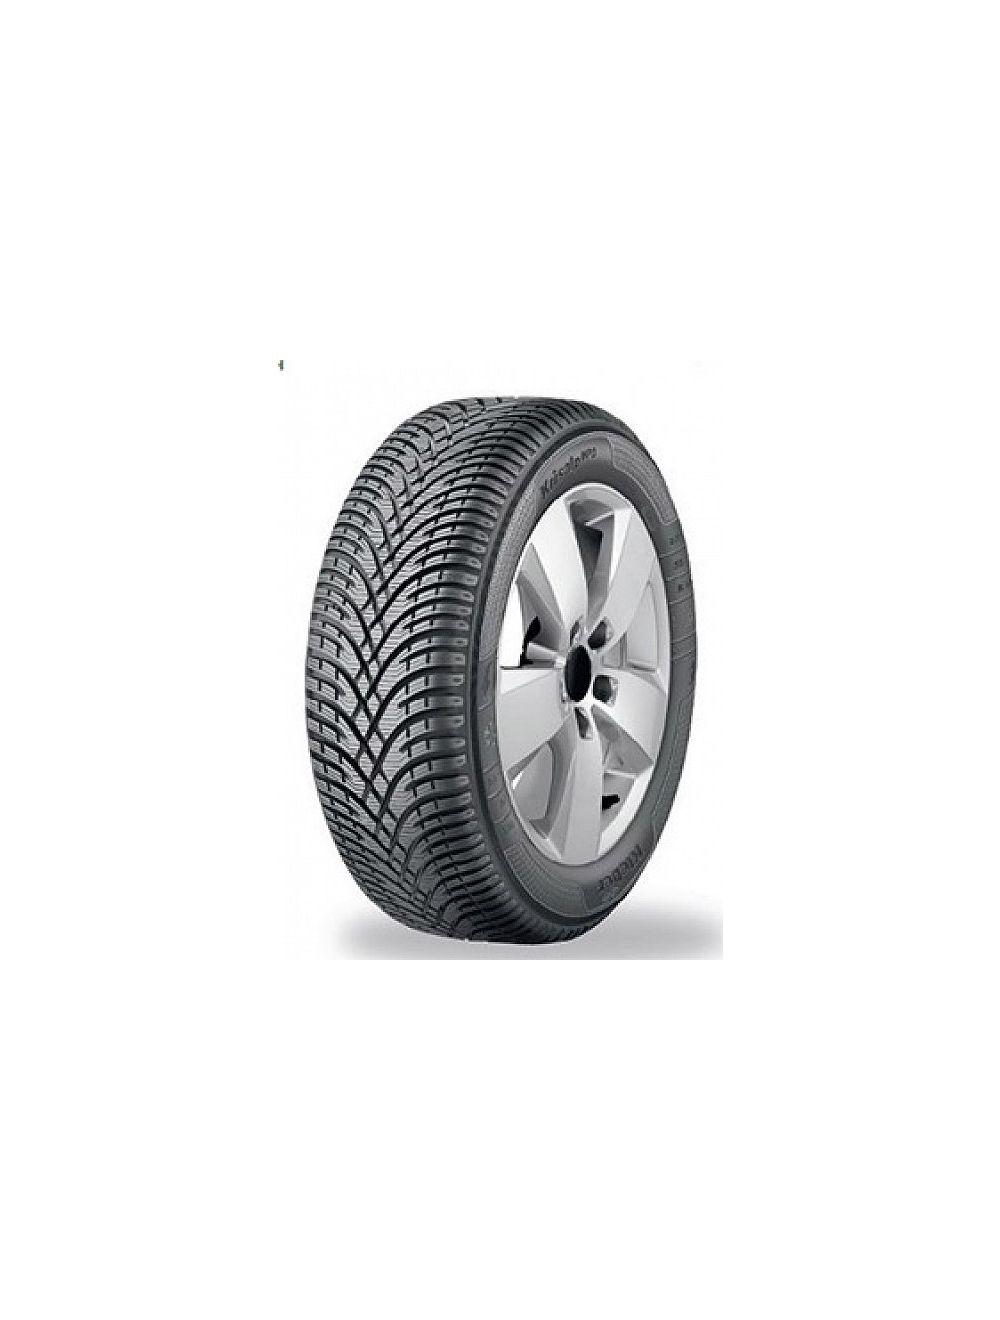 Kleber 215/65R16 H Krisalp HP3 XL Téli gumi